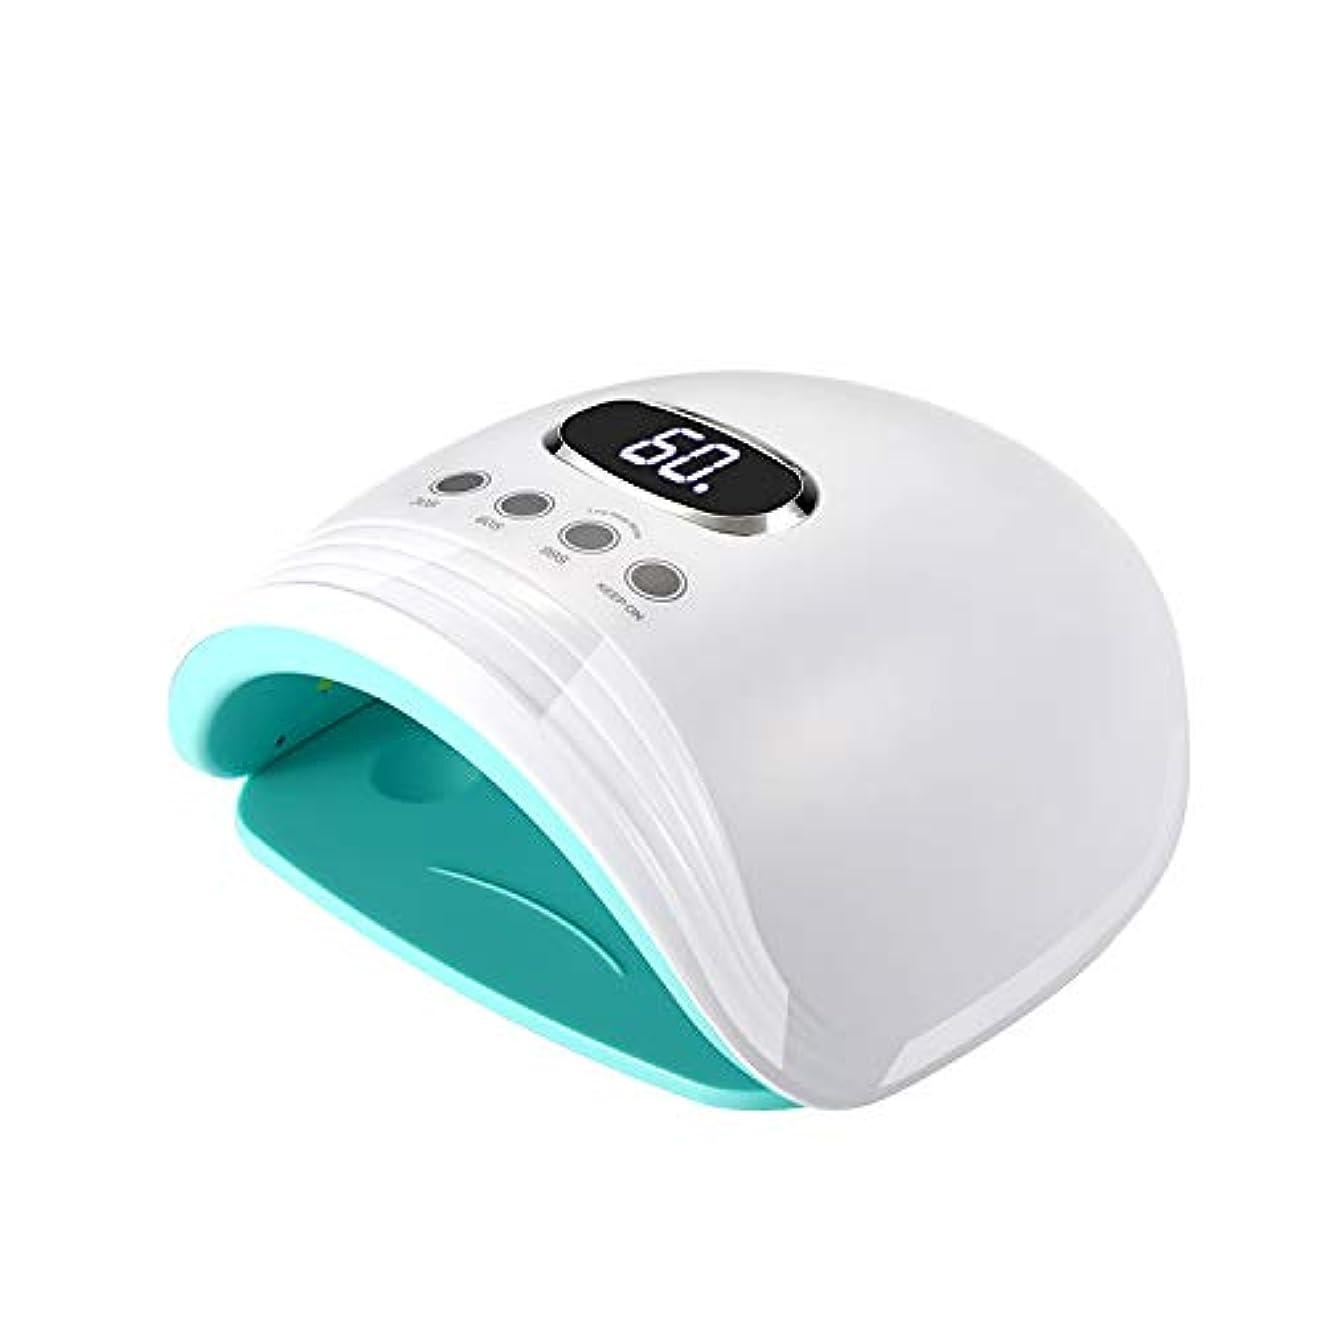 ダイアクリティカル生命体農場60W UV LEDネイルランプネイルドライヤー+ホワイトニングランプ、1 in 2プロフェッショナルケアドライヤー、スマートオートセンシング付きゲルパイプビルダー3タイマー設定LCDディスプレイ